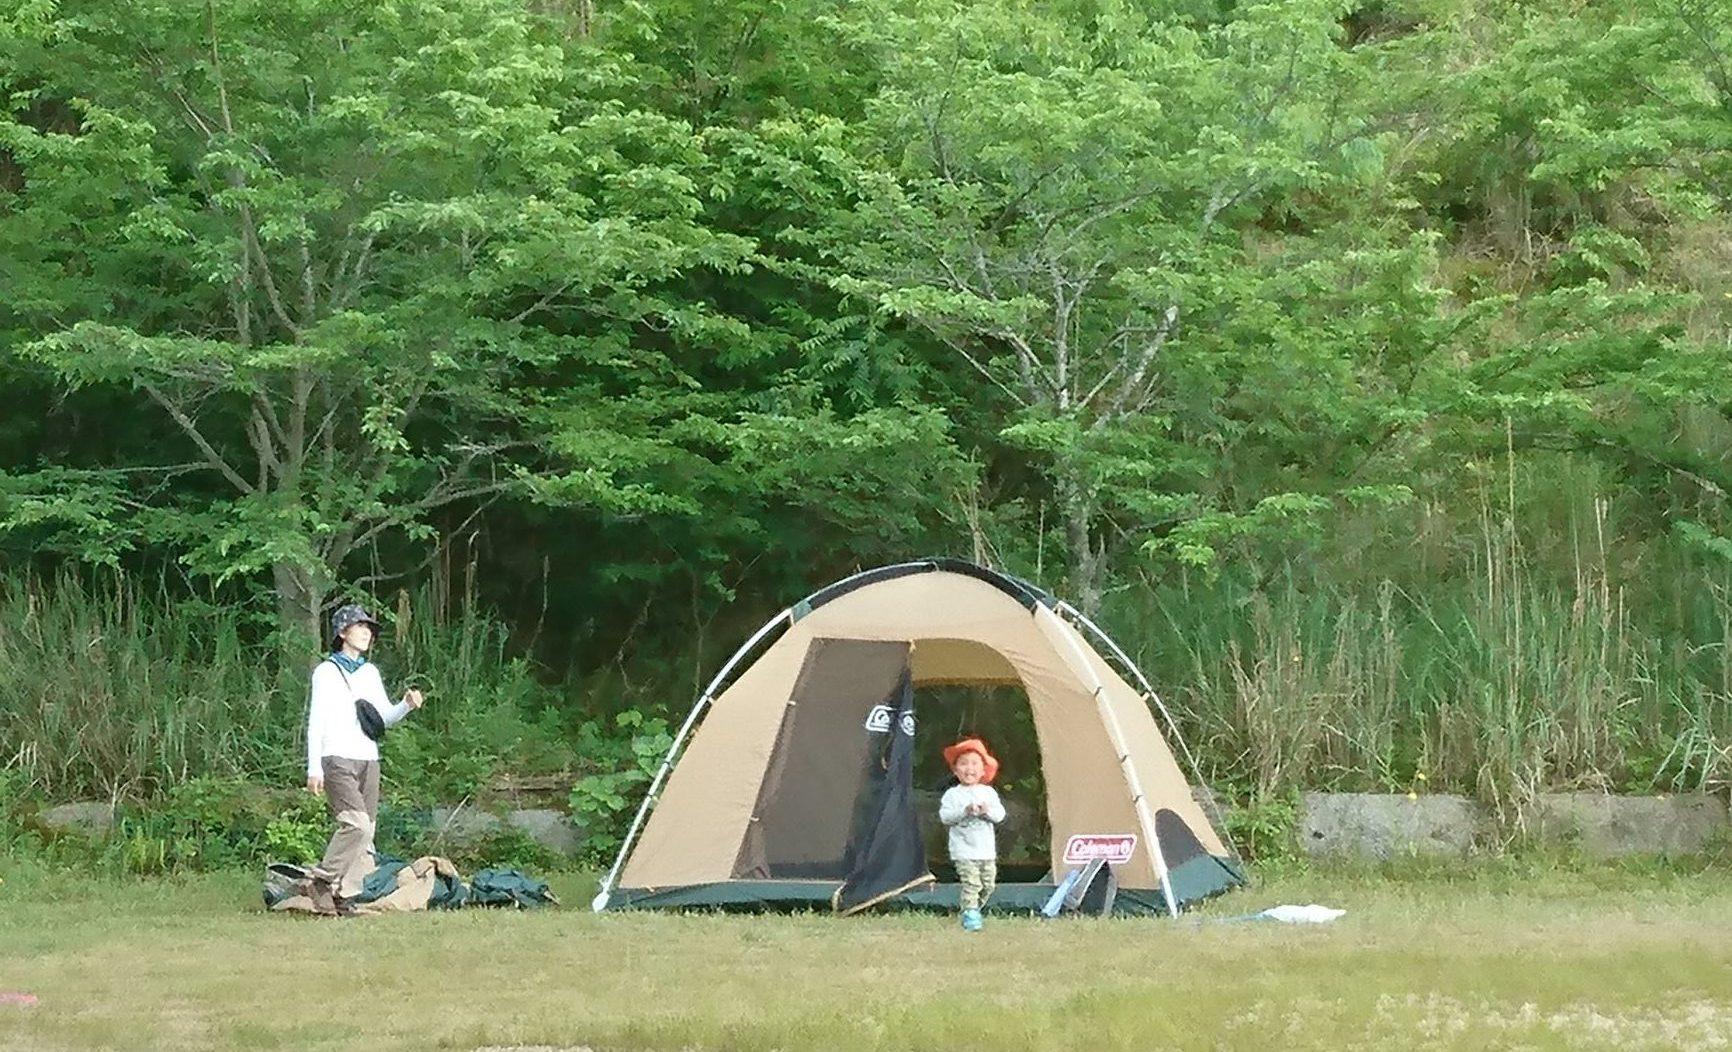 【イベント情報】2018/5/12(土)11:00~13:00 moss-connect 苔テラリウム~自分だけの小さな森づくりを楽しむ会~